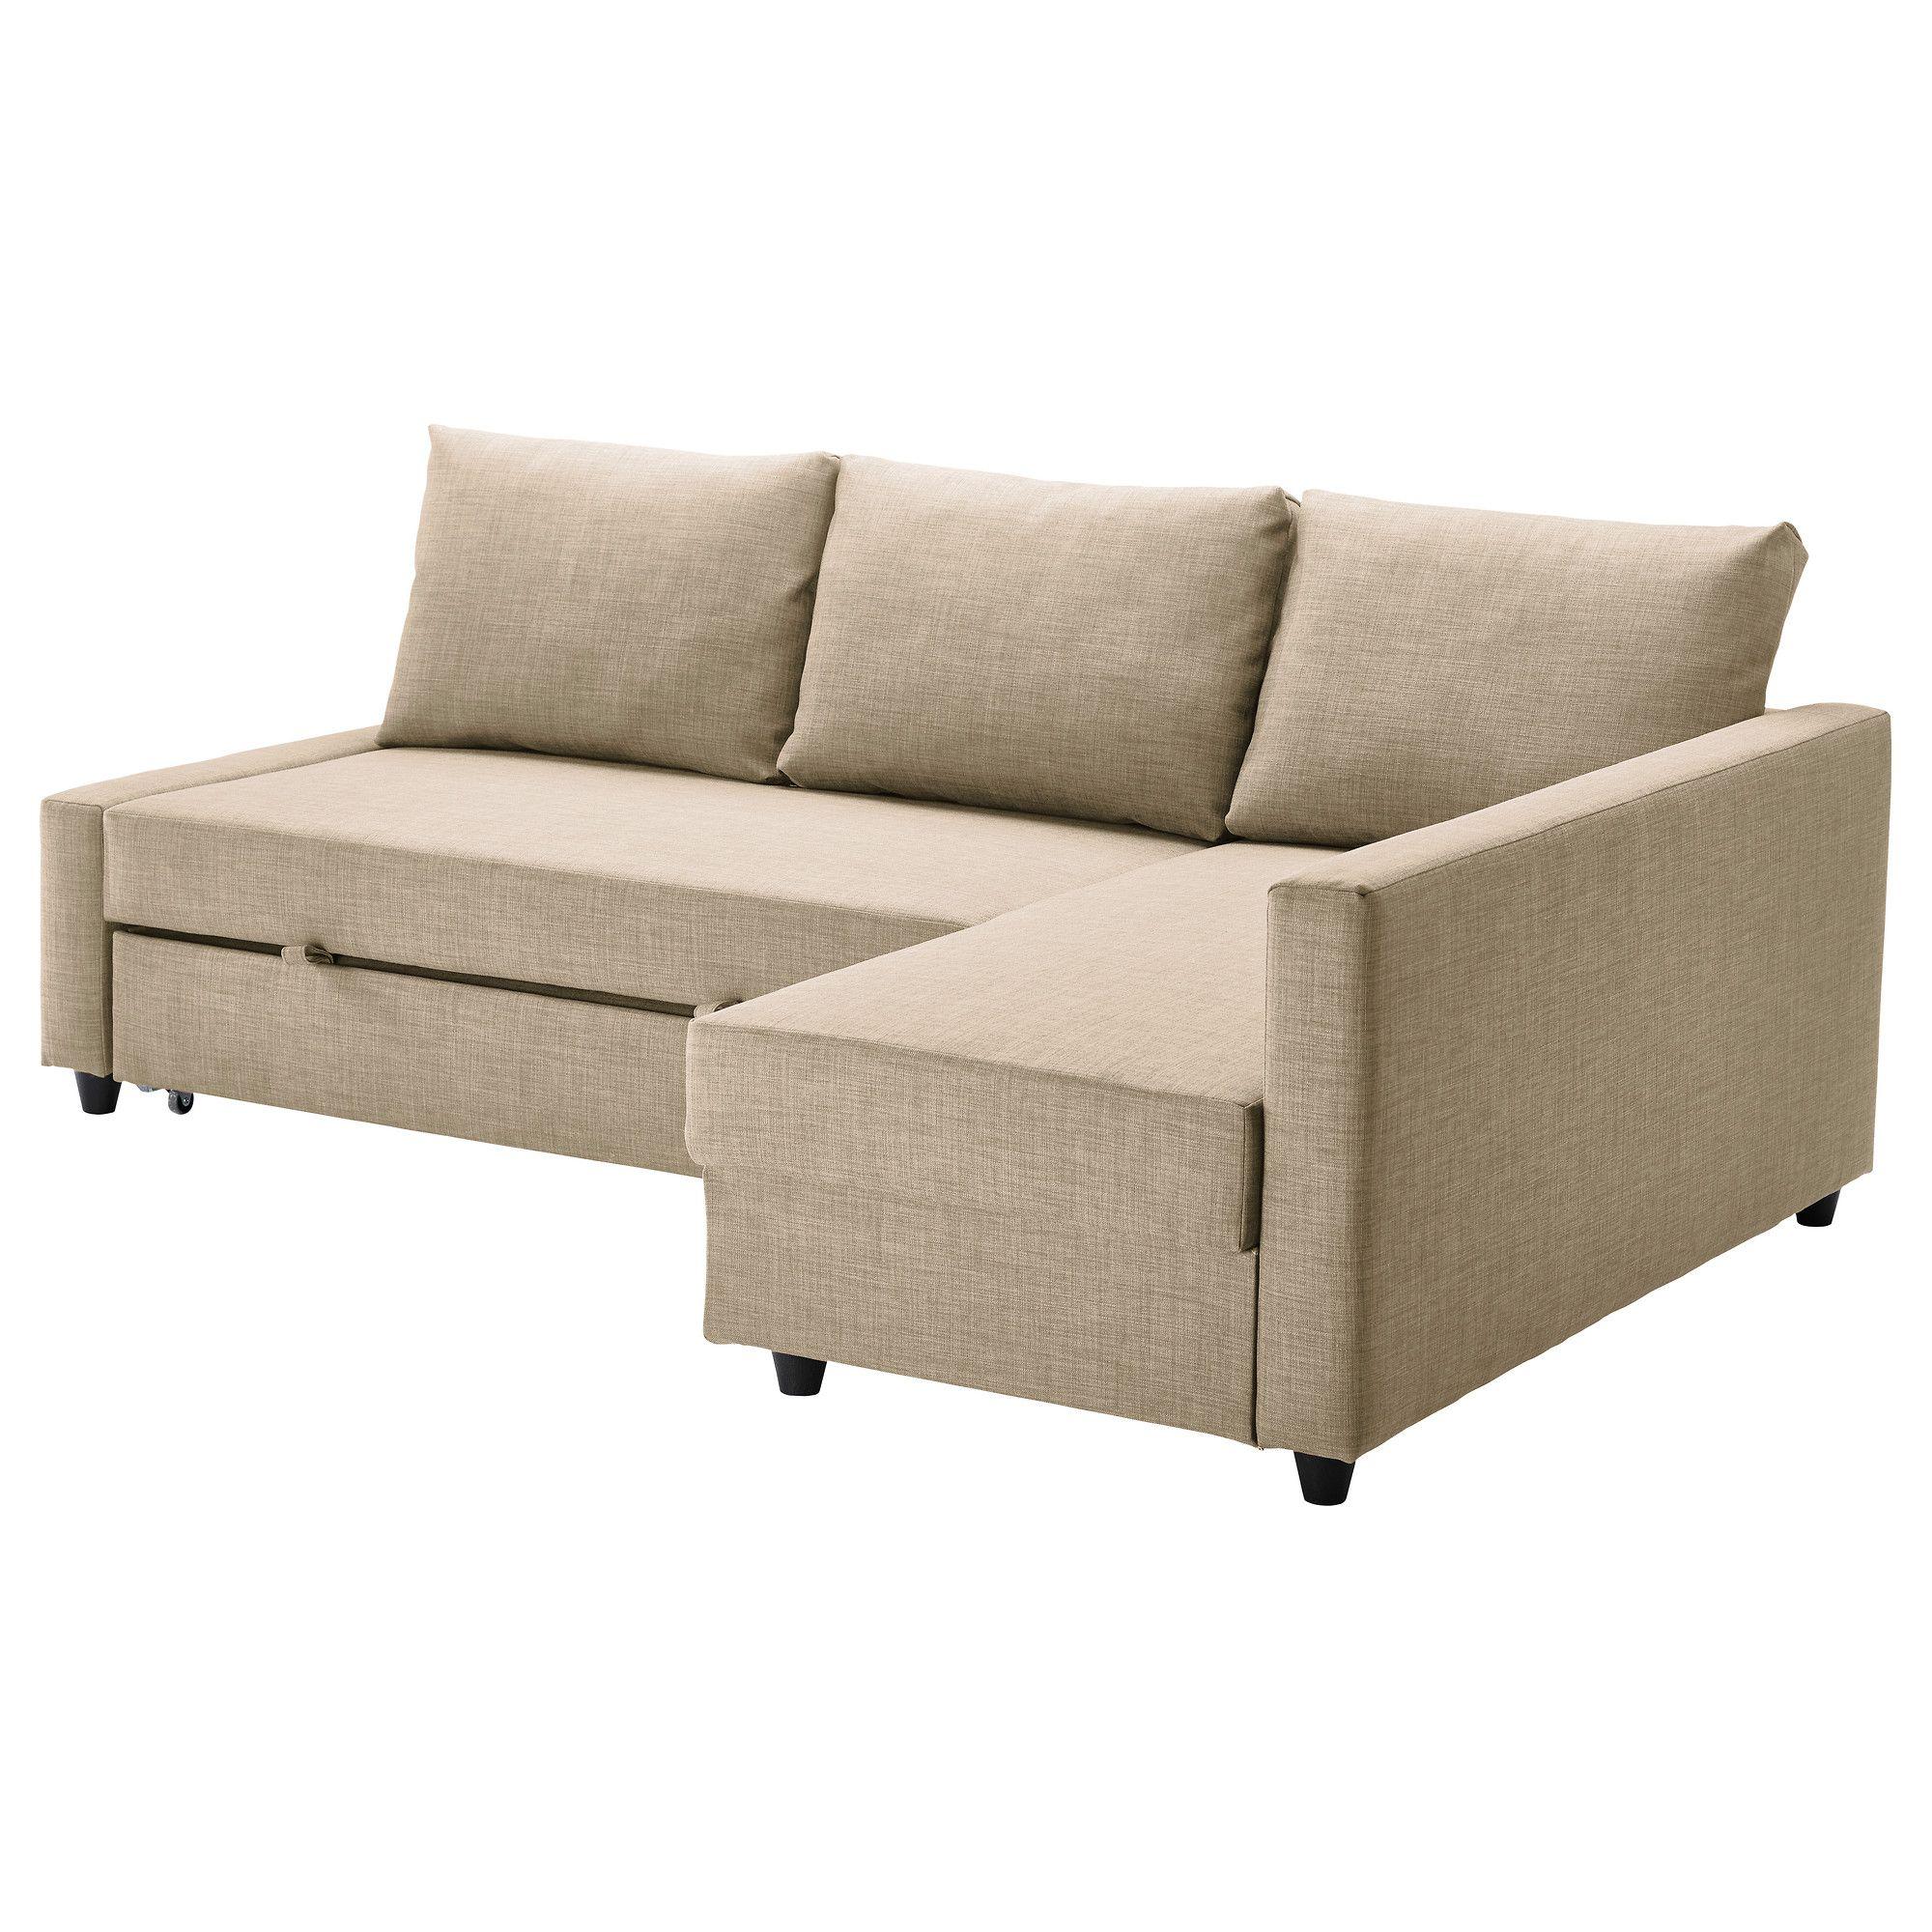 600 Http Www Ikea Us En Catalog